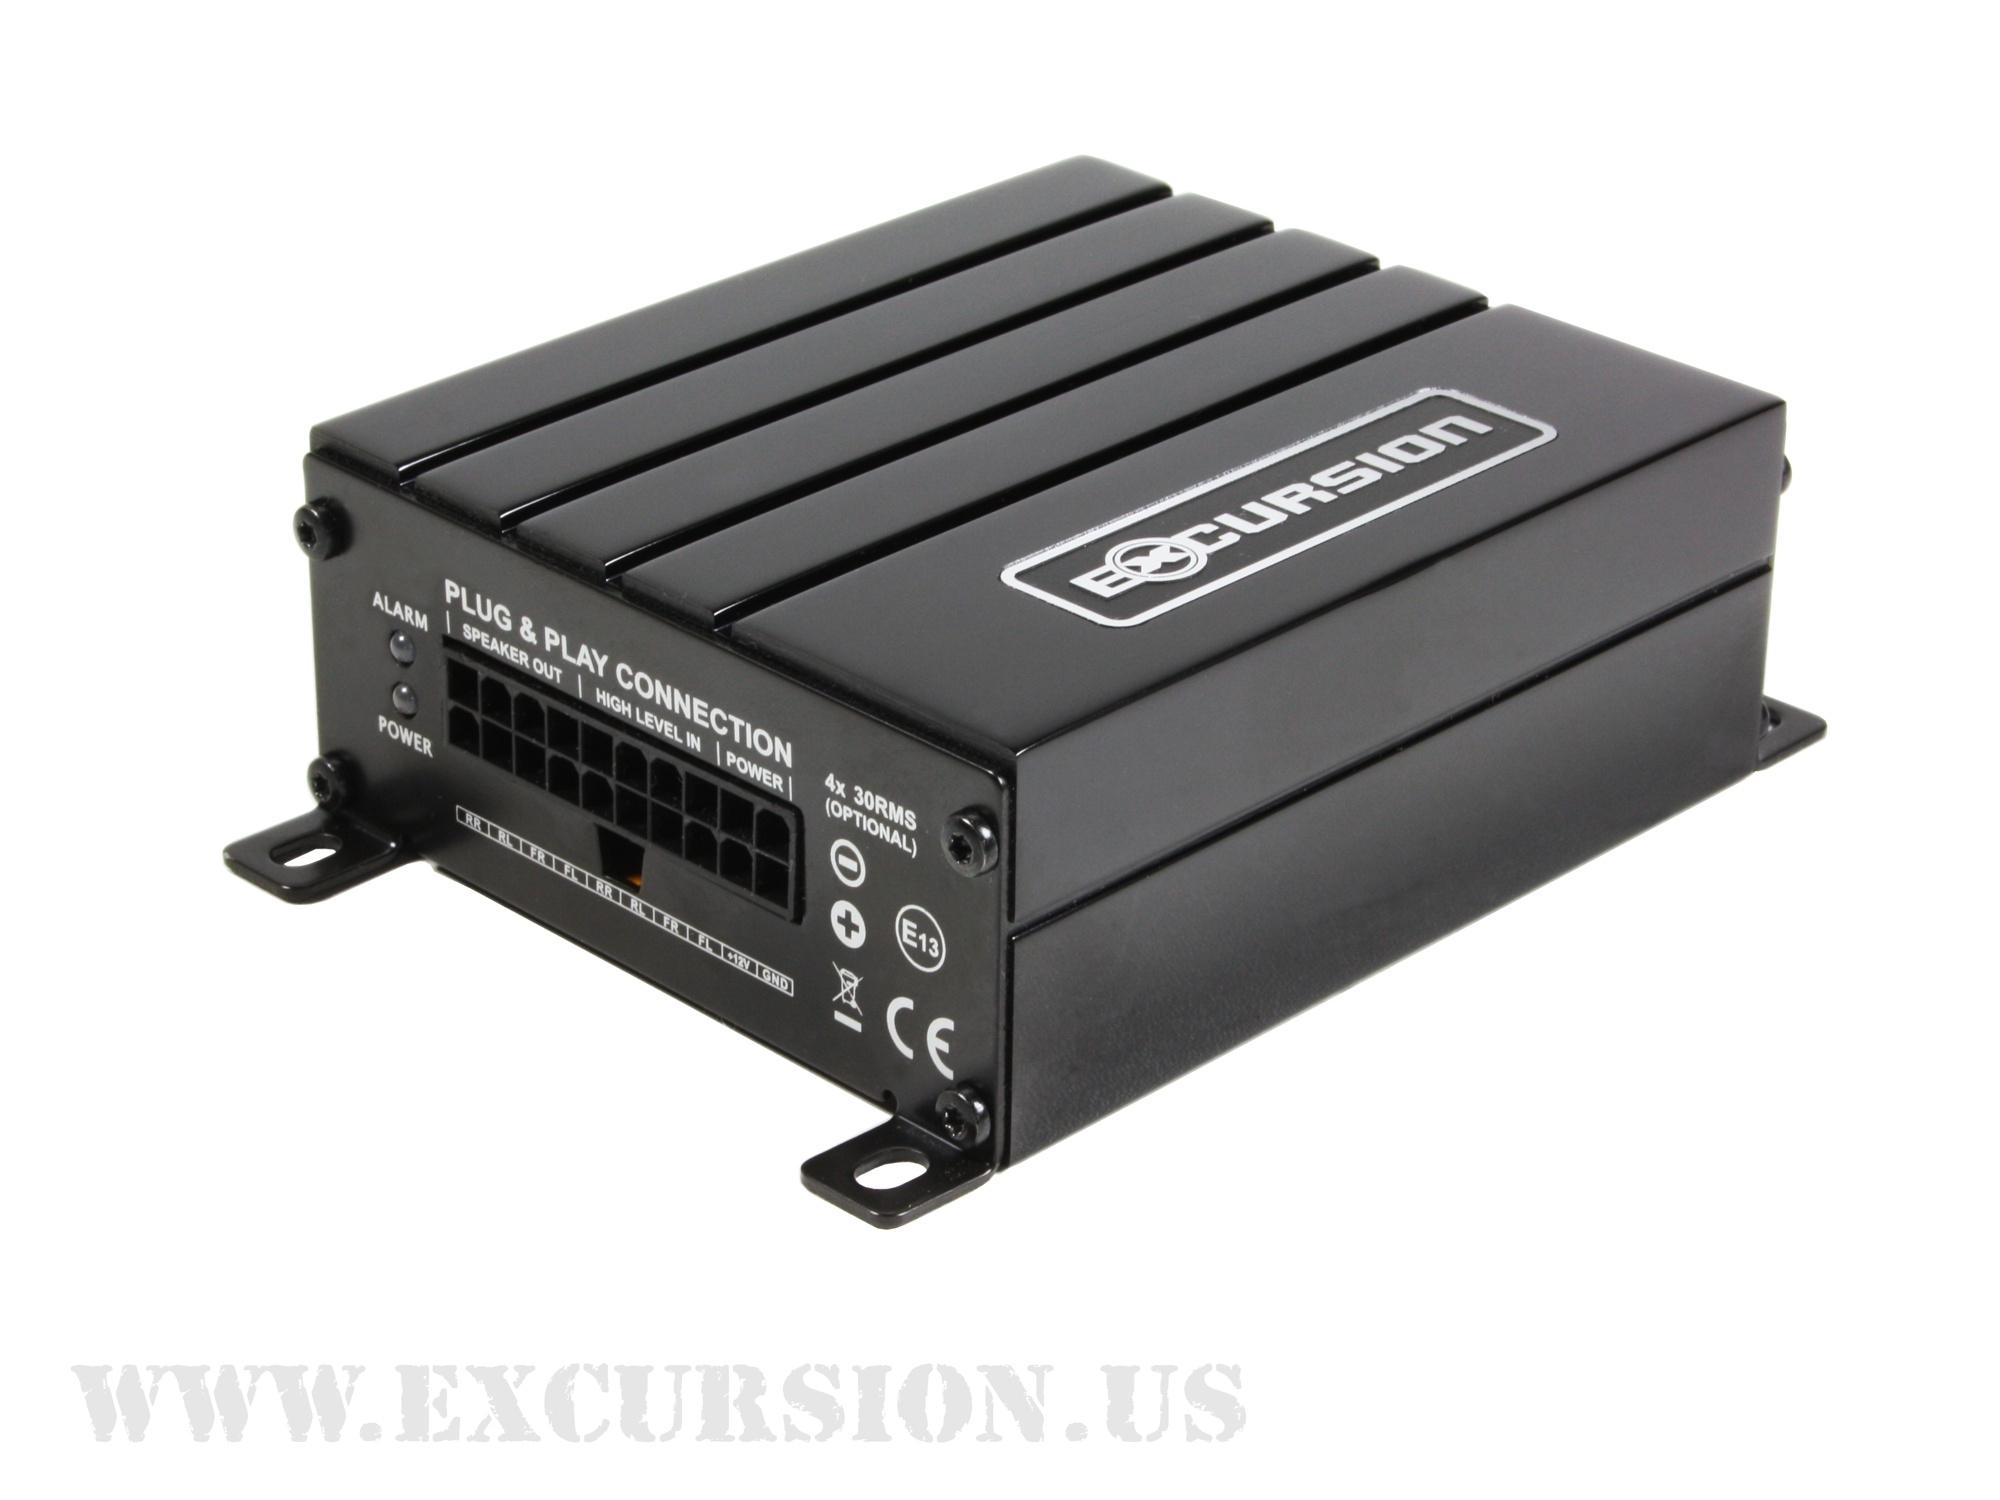 PXA P6 dsp plug and play